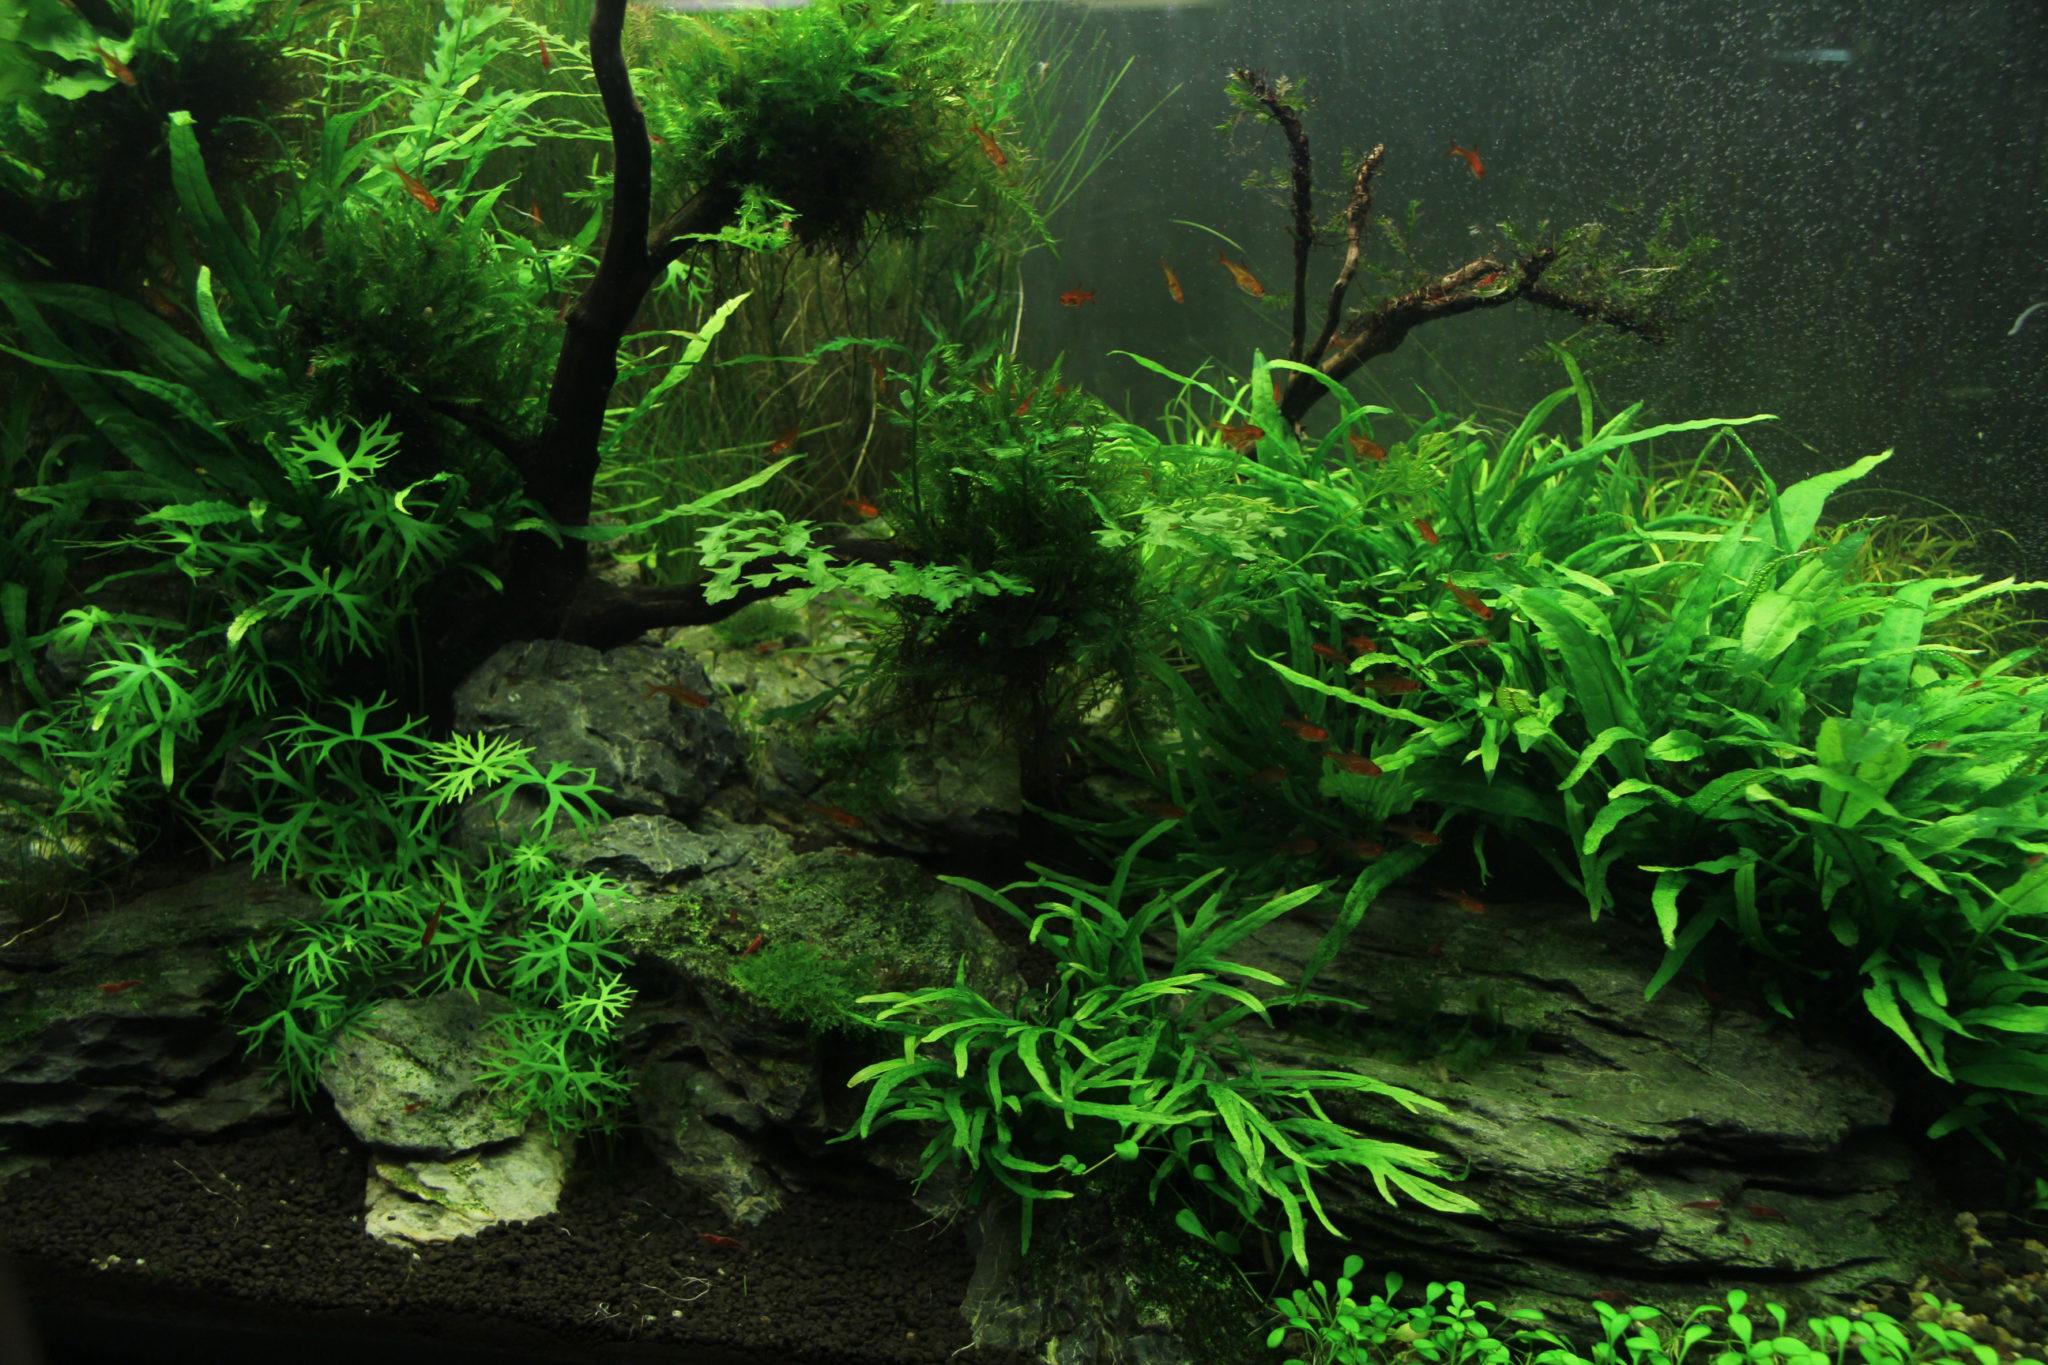 Algen im aquarium arten vorbeugung und entfernung von algen for Algen im aquarium